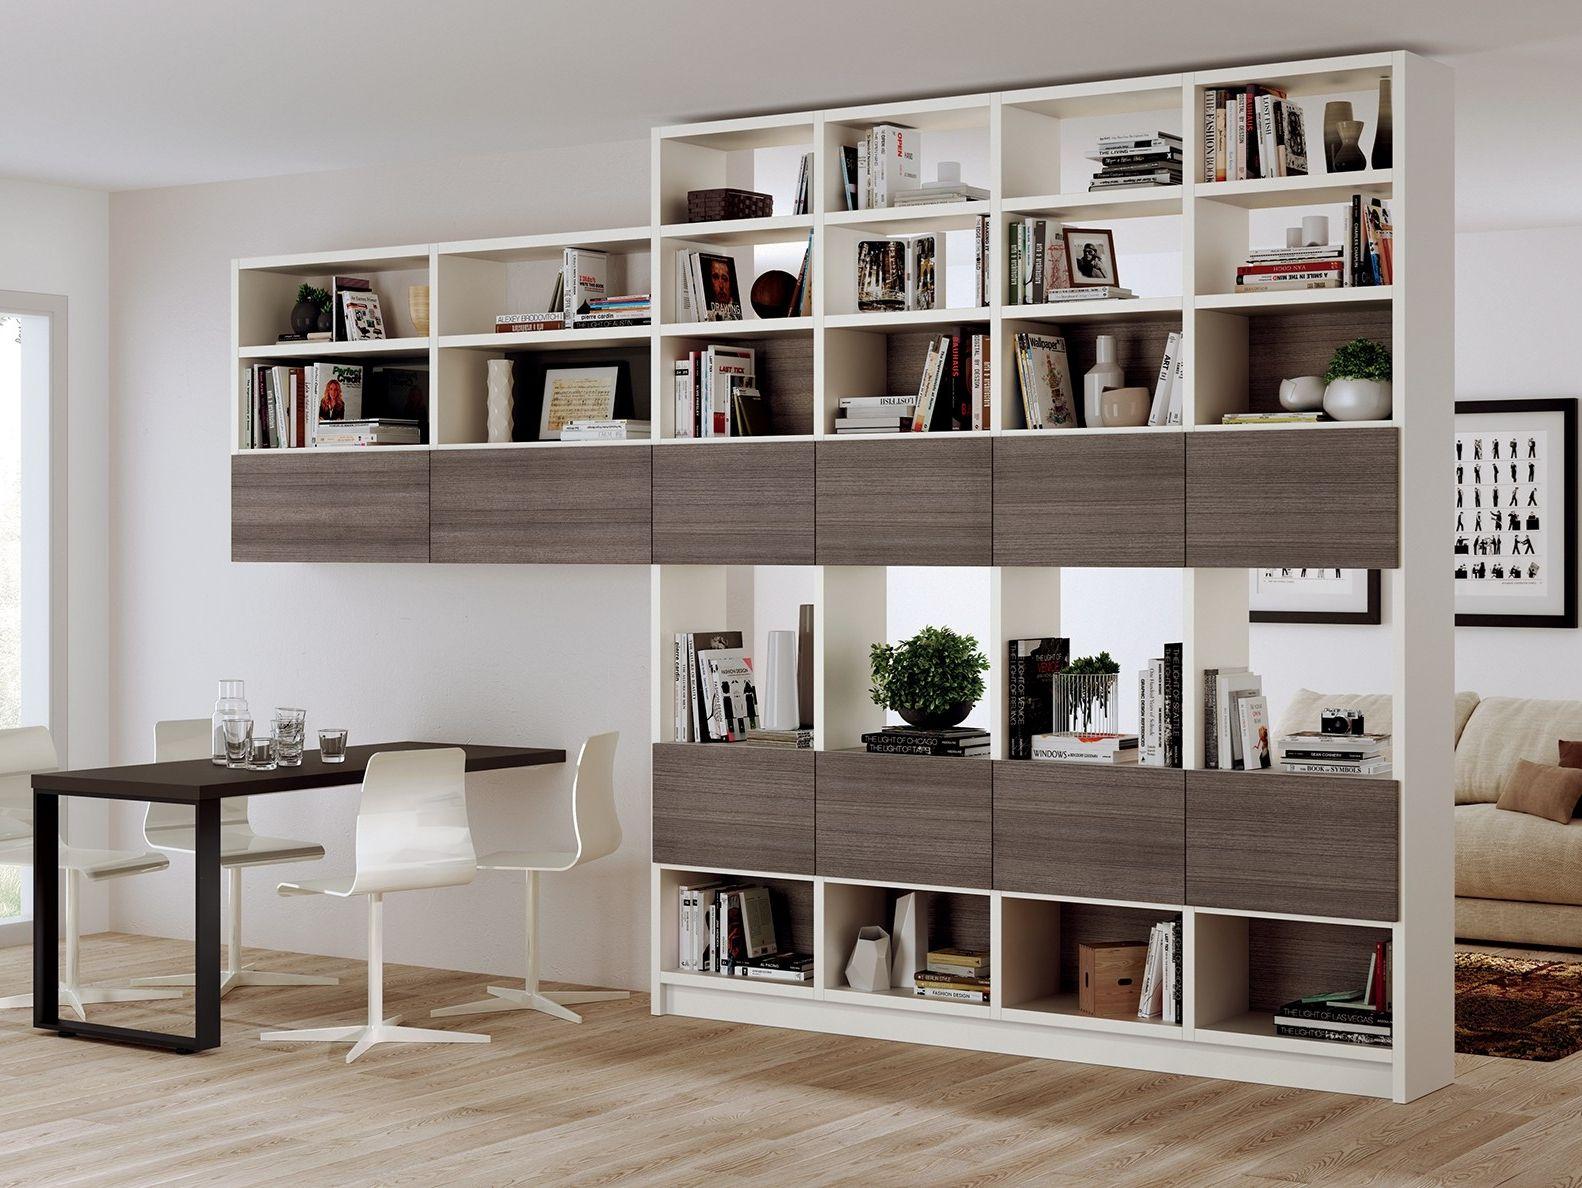 Fluida m dulo cocina independiente l nea salas de estar for Muebles de cocina independientes